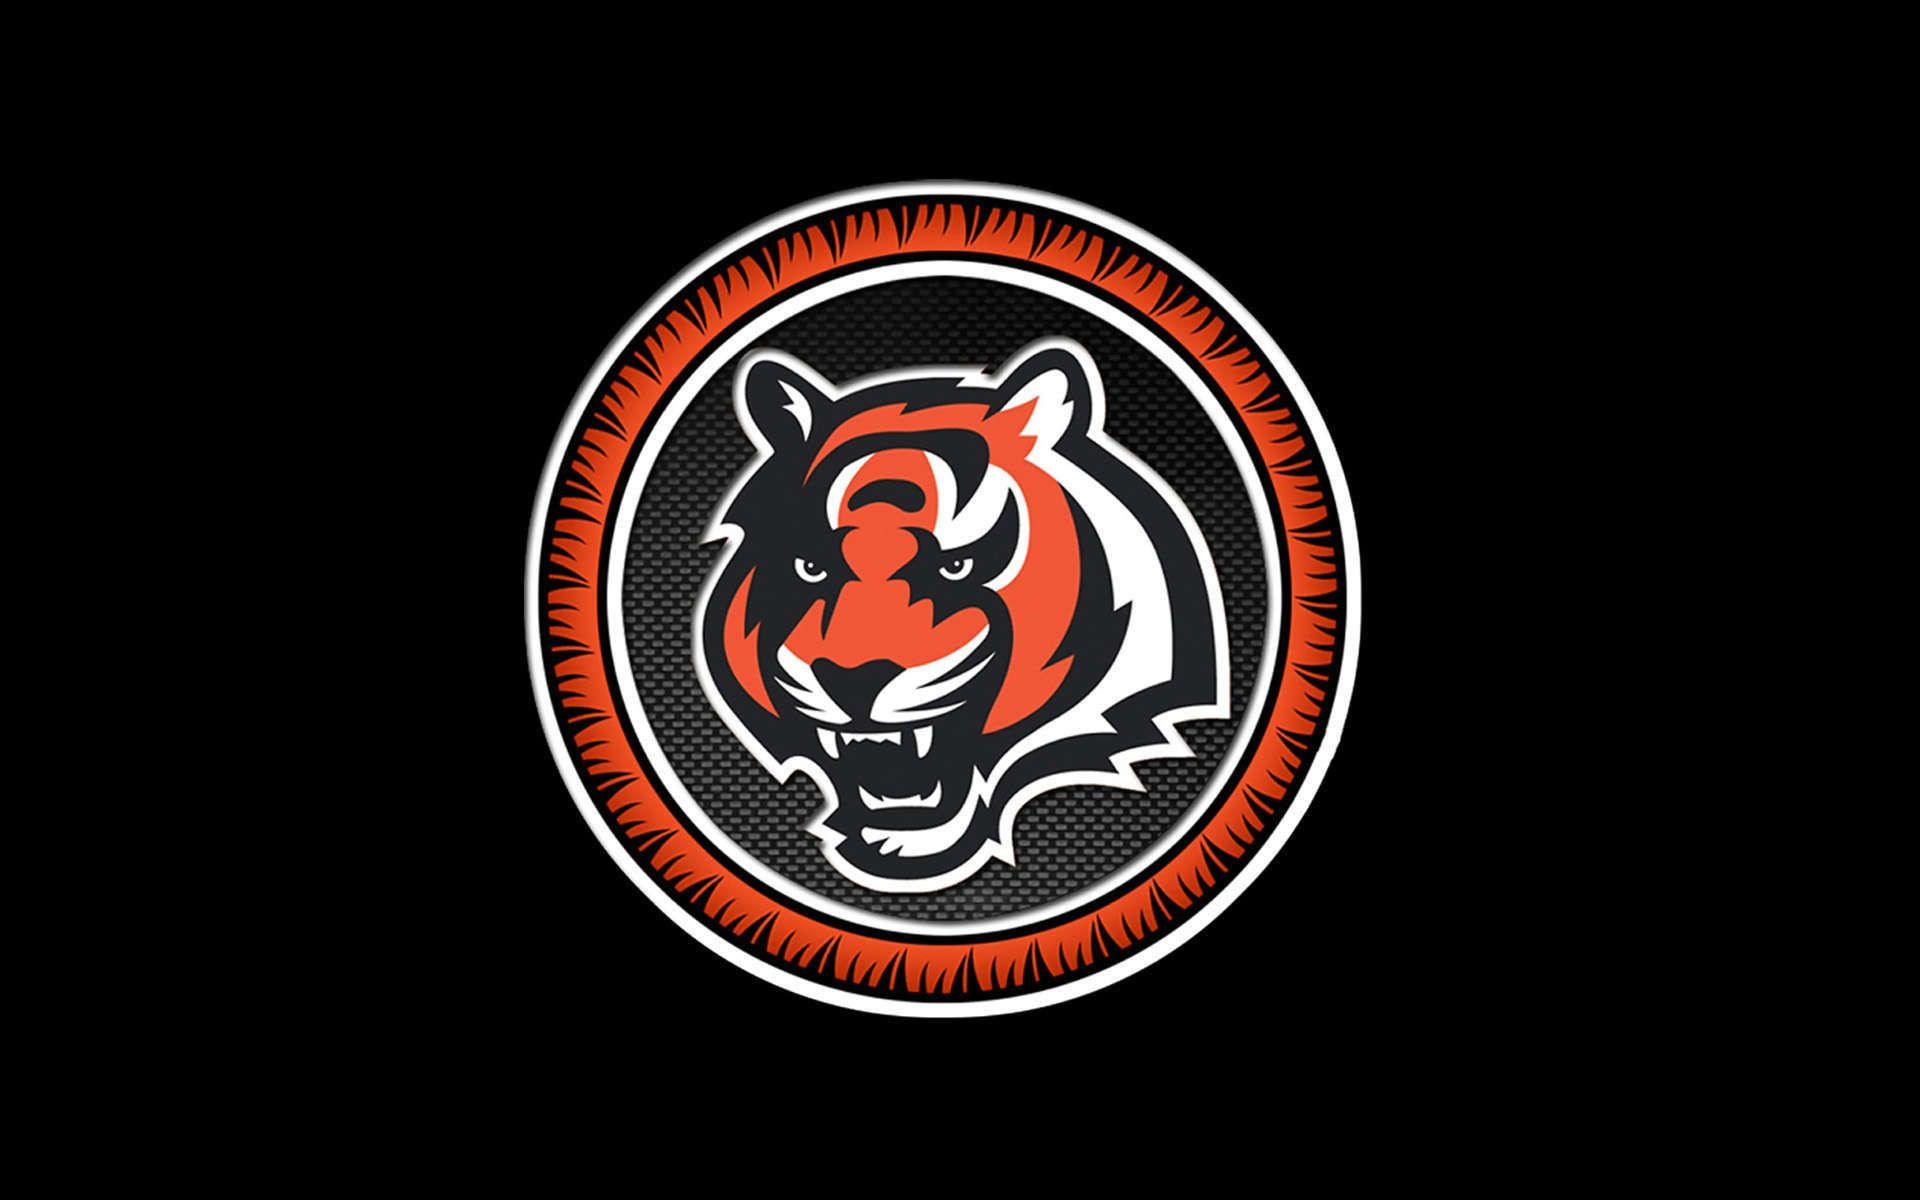 Cincinnati Bengals Logo Nfl Wallpaper Hd Cincinnati Bengals Bengals Cincinnati